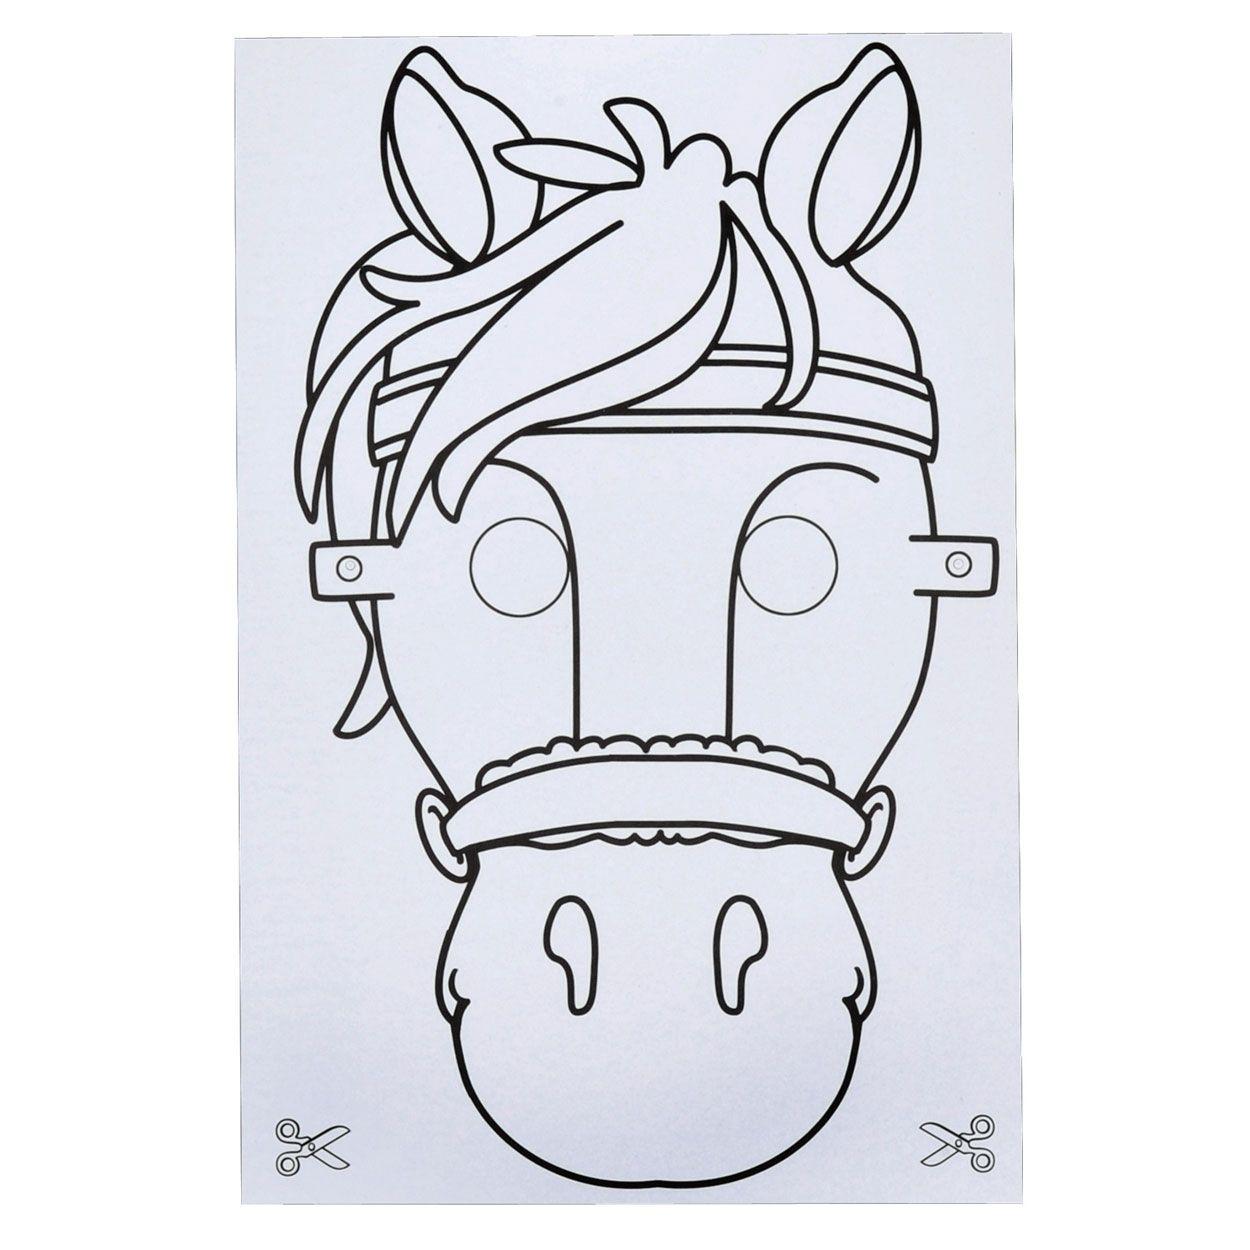 Sint Maskers Maken Maskers Paard Feestje Paard Knutselen